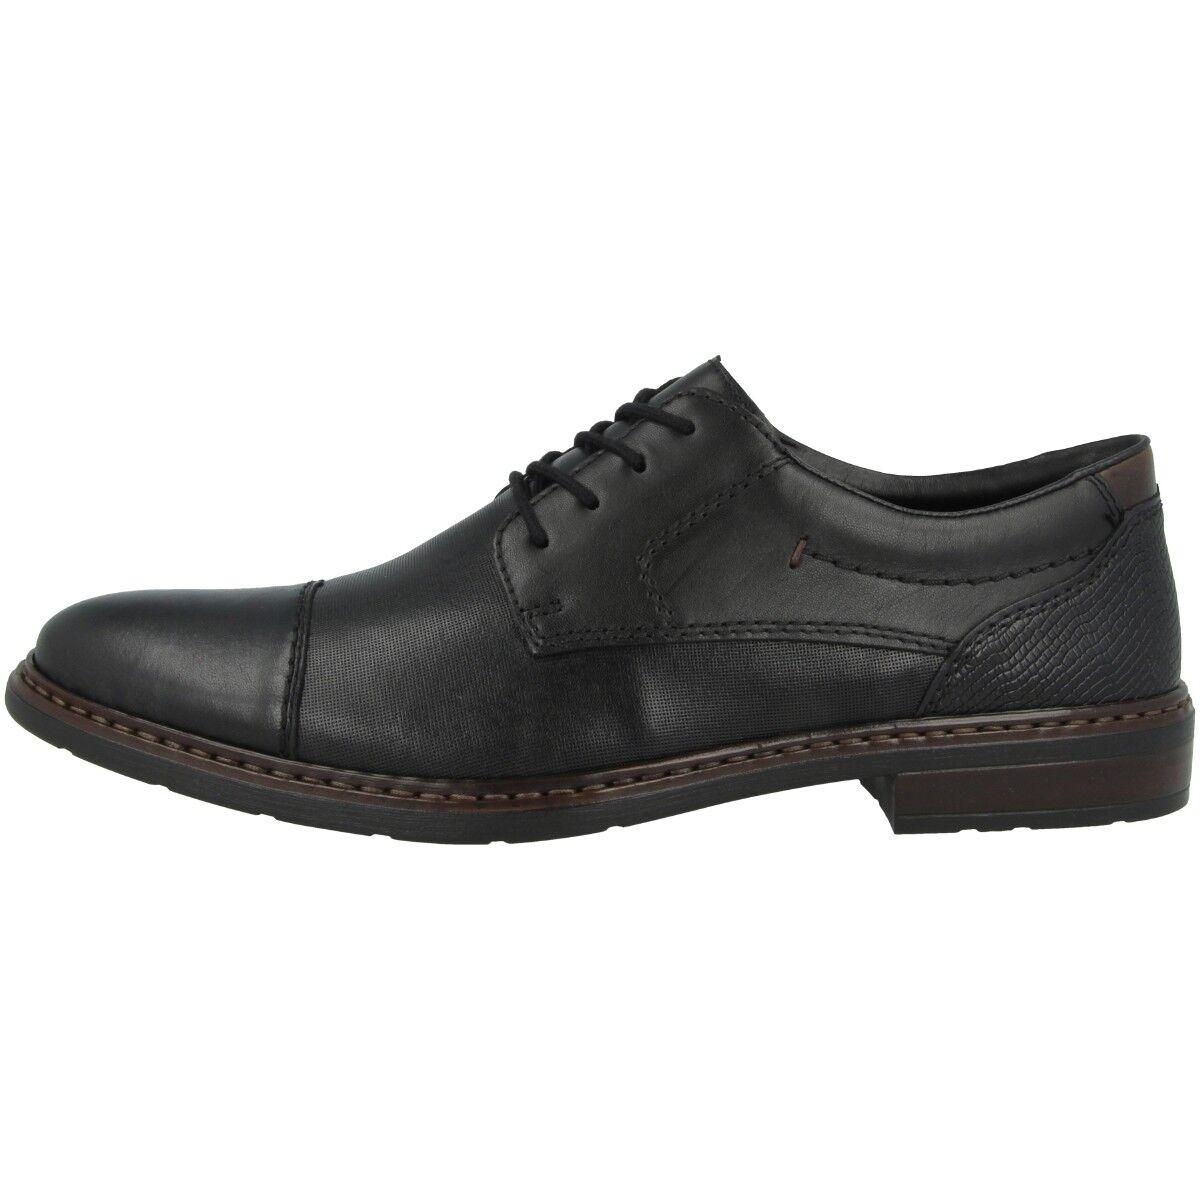 Rieker Lugano-Fino-Ambor shoes men Anti-stress Lacci 11719-00